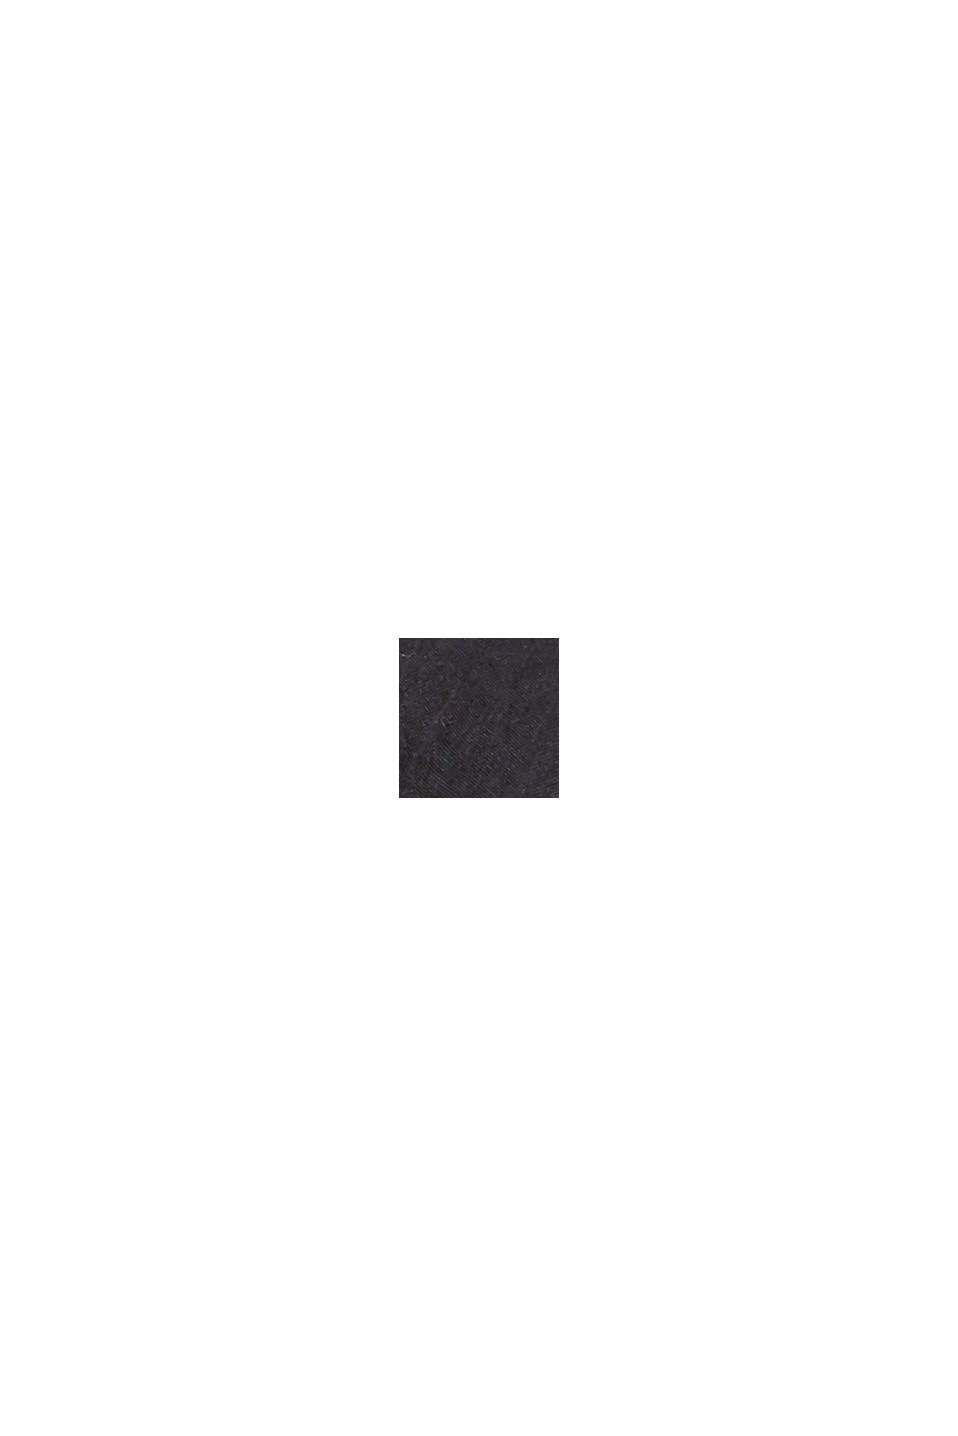 Manteau matelassé Thinsulate™ à capuche amovible, BLACK, swatch